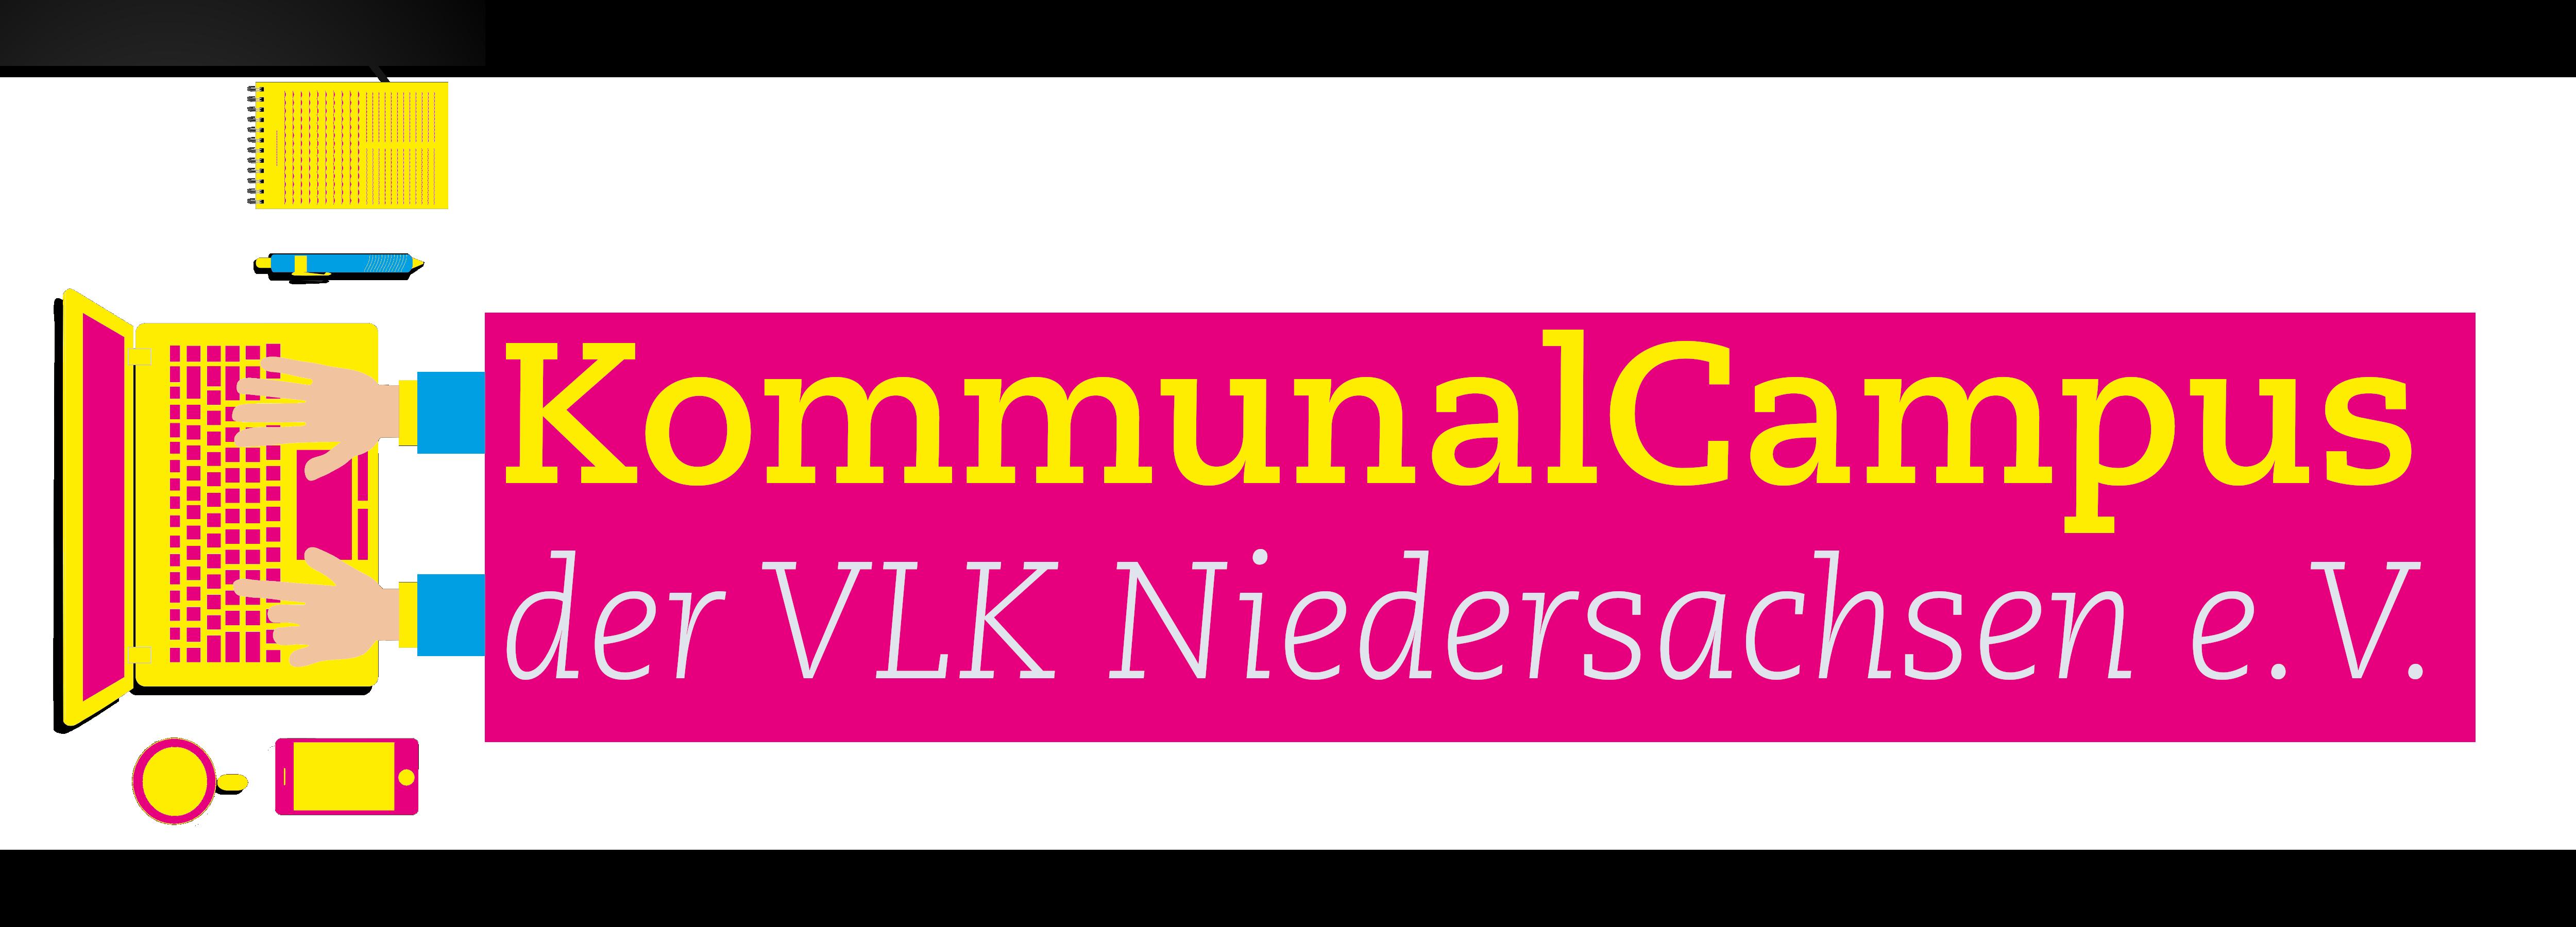 KommunalCampus